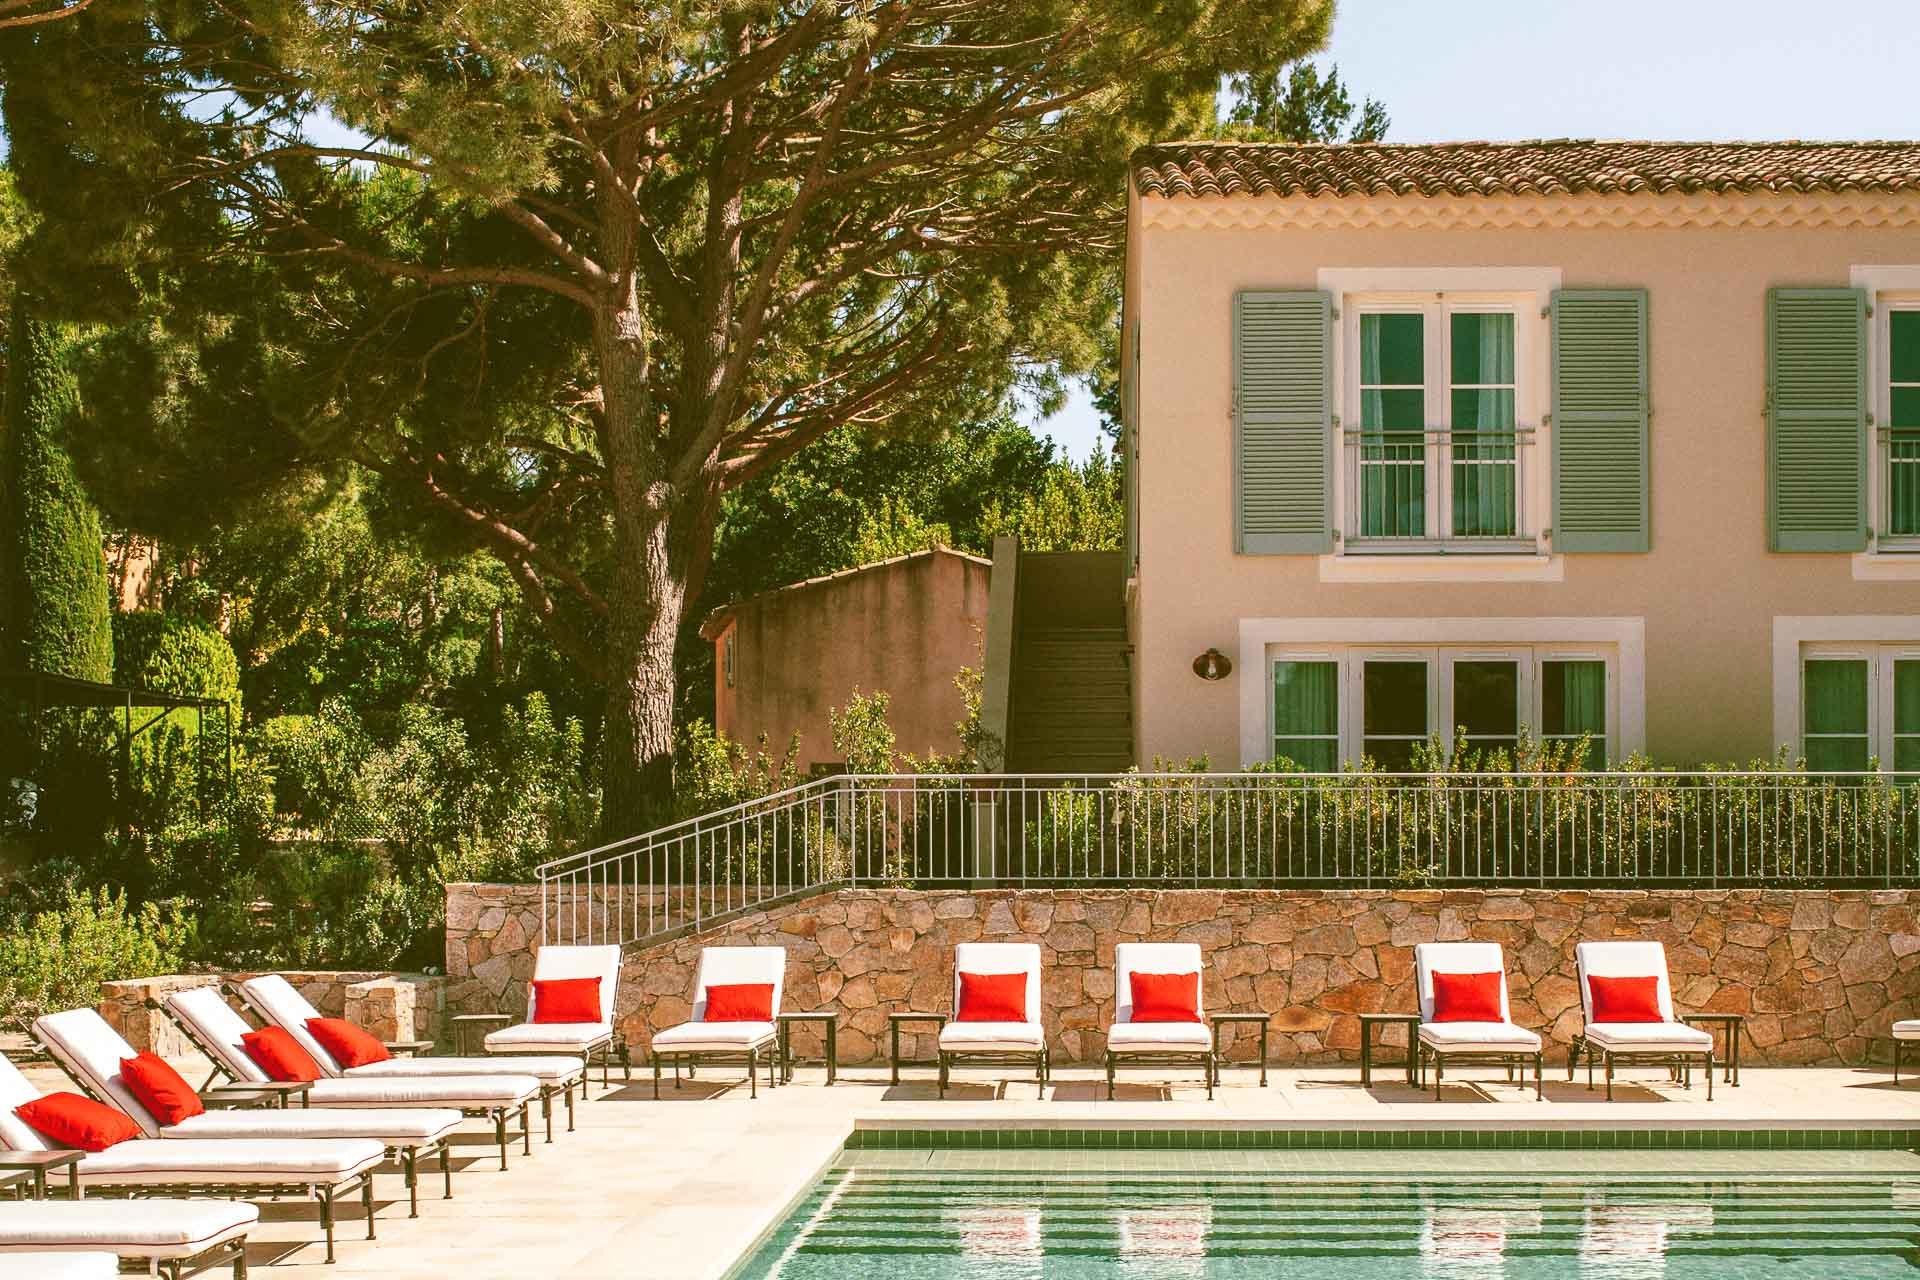 S'inspirant du charme bohème du Saint-Tropez des années 1960, la collection hôtelière Maisons Pariente dévoile Lou Pinet, un luxueux hôtel de 34 clés niché dans la verdure et à deux pas de la mer. Restaurant signé Beefbar, spa et service 5-étoiles complètent le tableau.